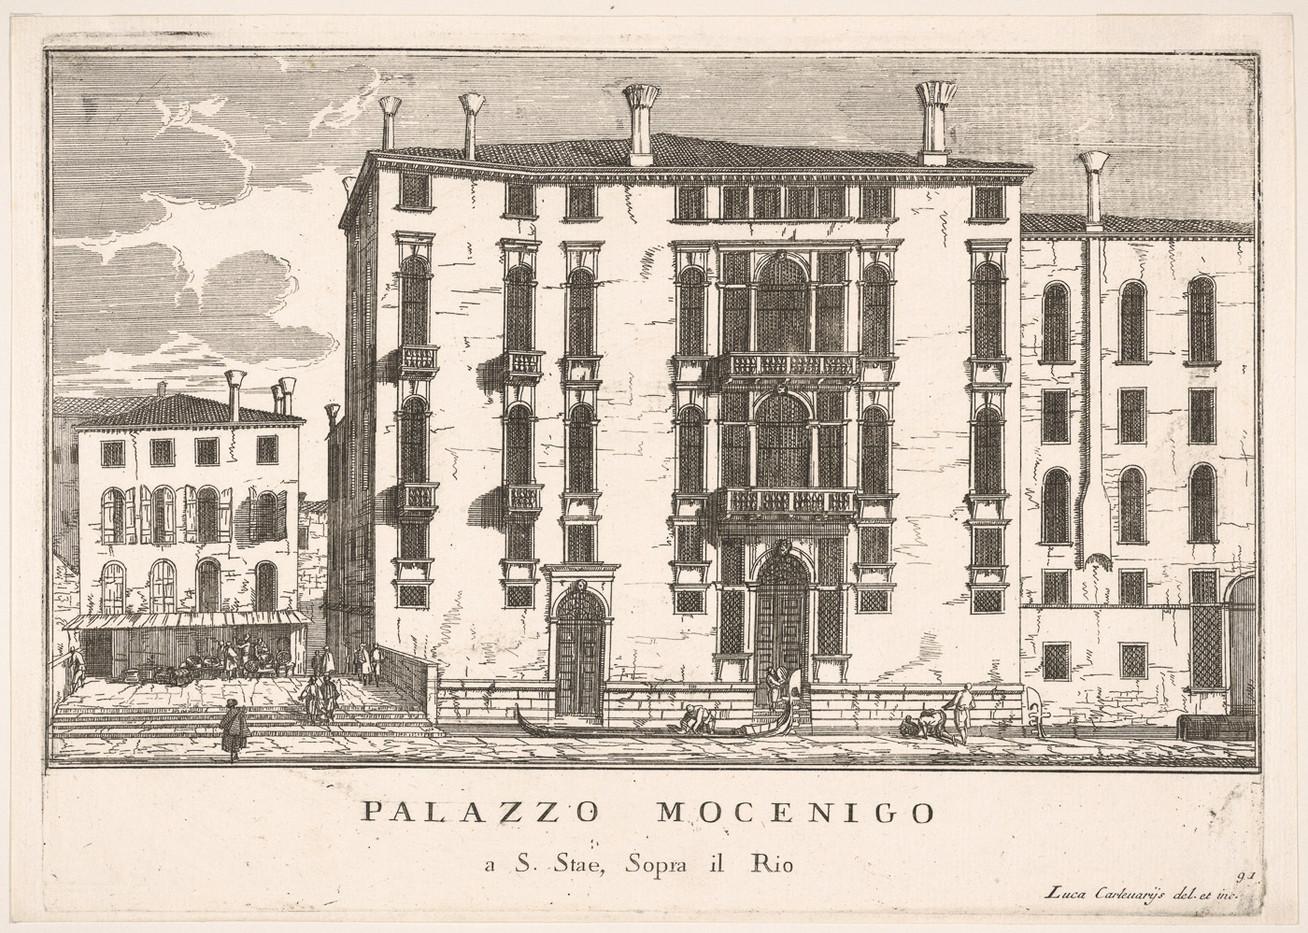 Vista del palacio Mocenigo en el campo San Stae